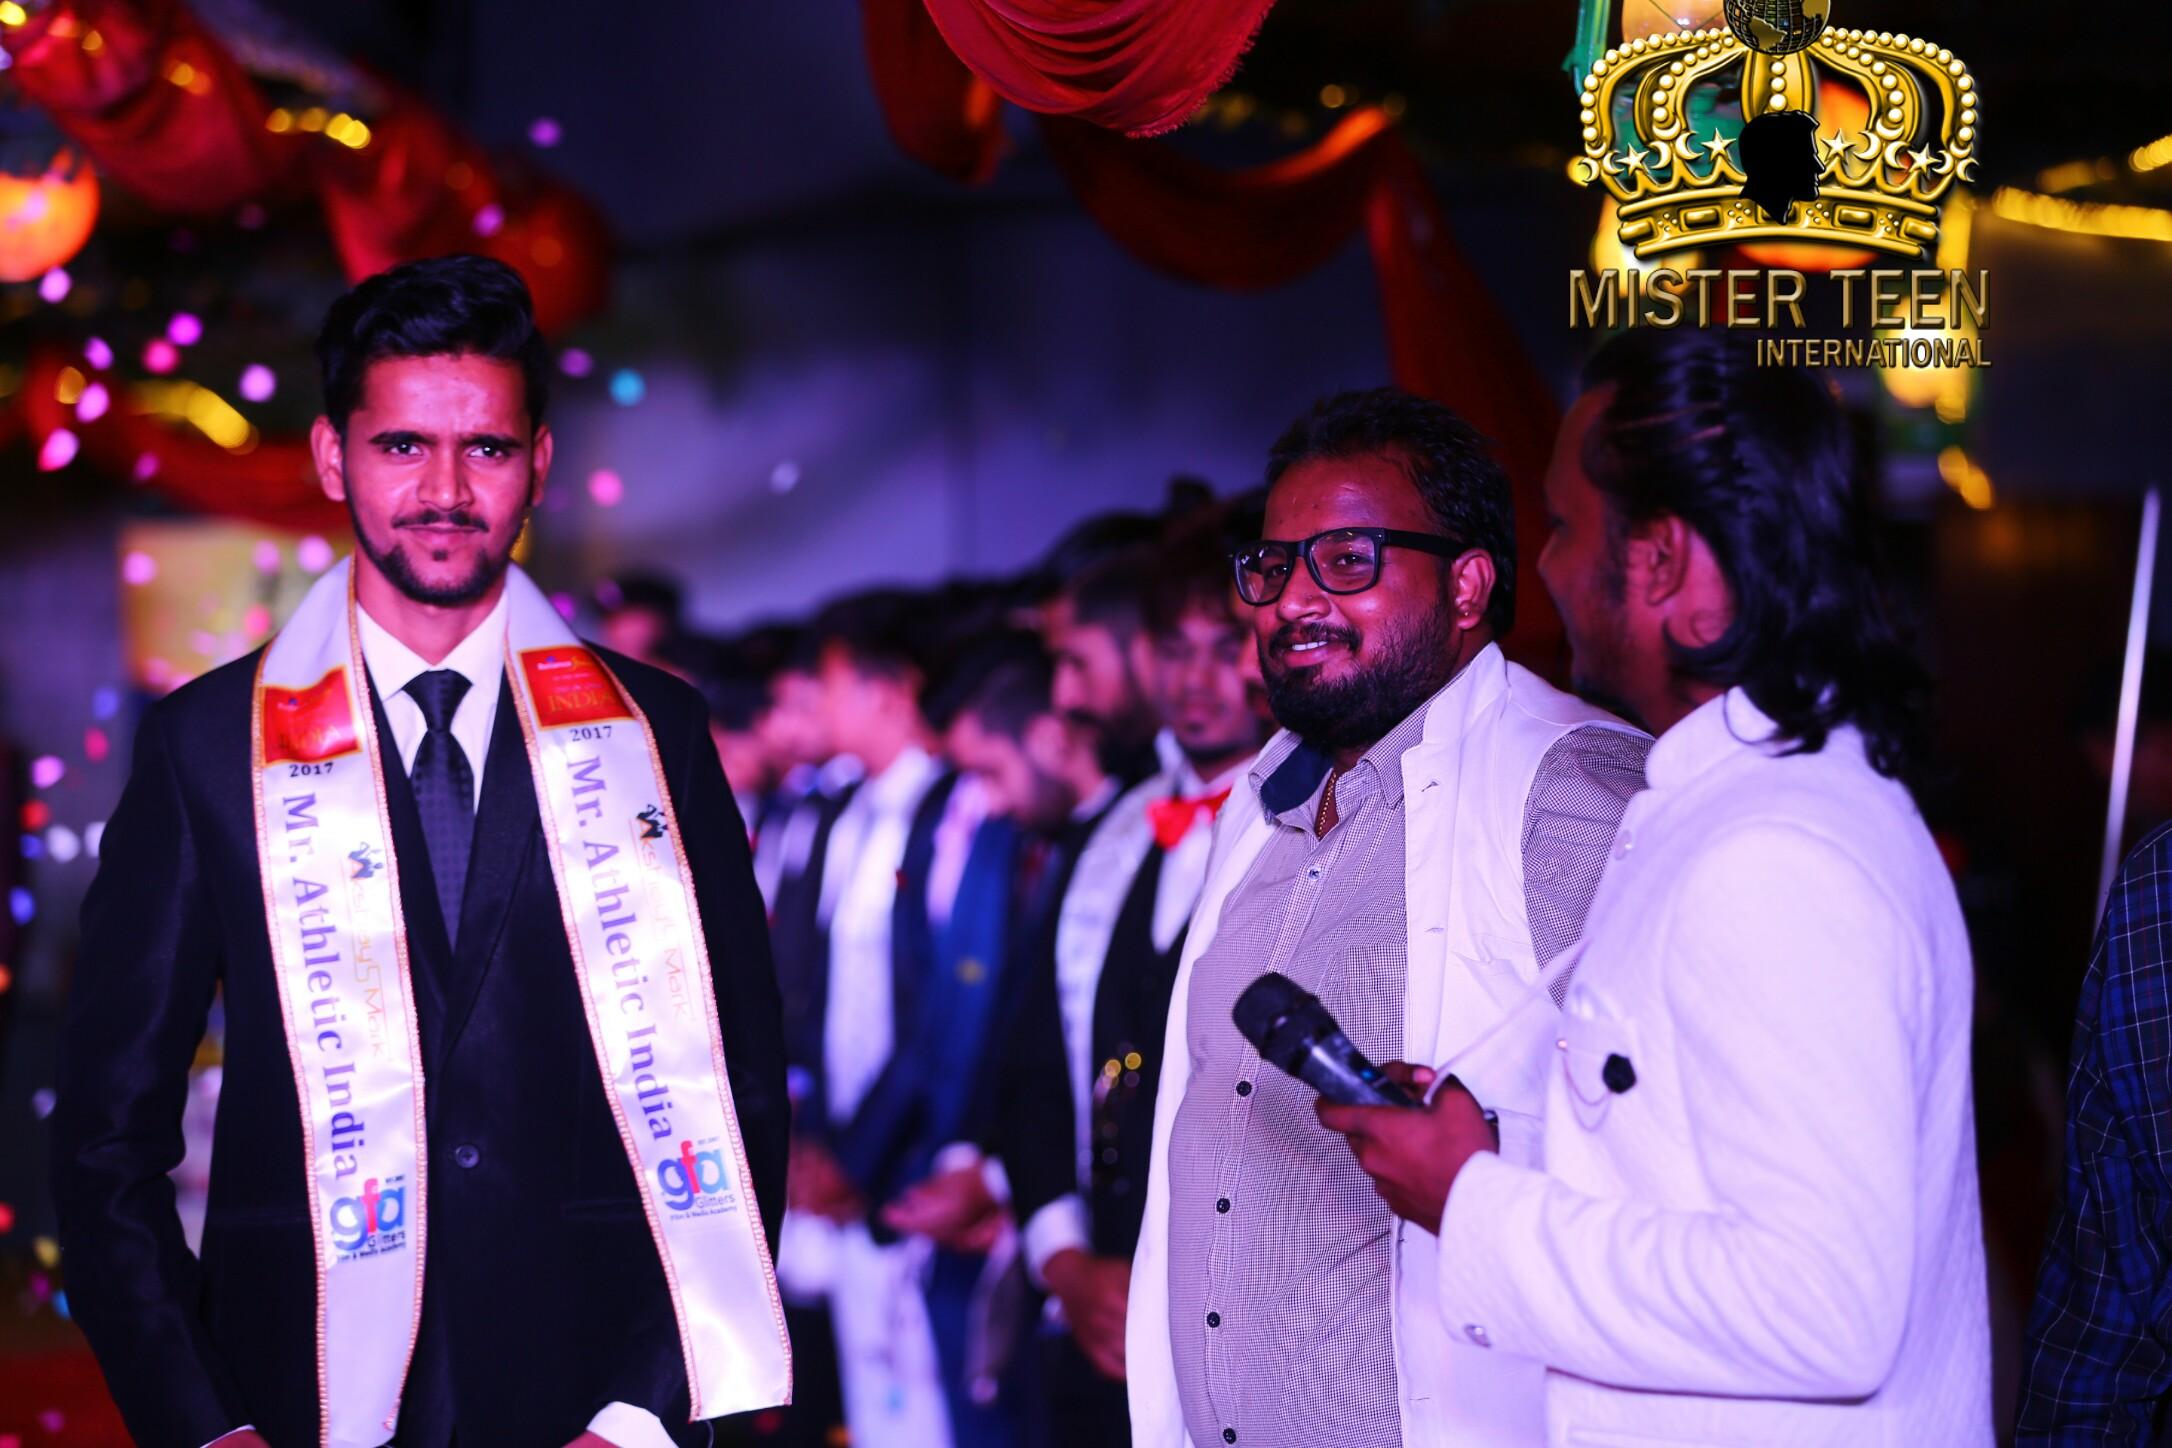 Dheeraj Shinde to represent India at the 2017 Prince Teen